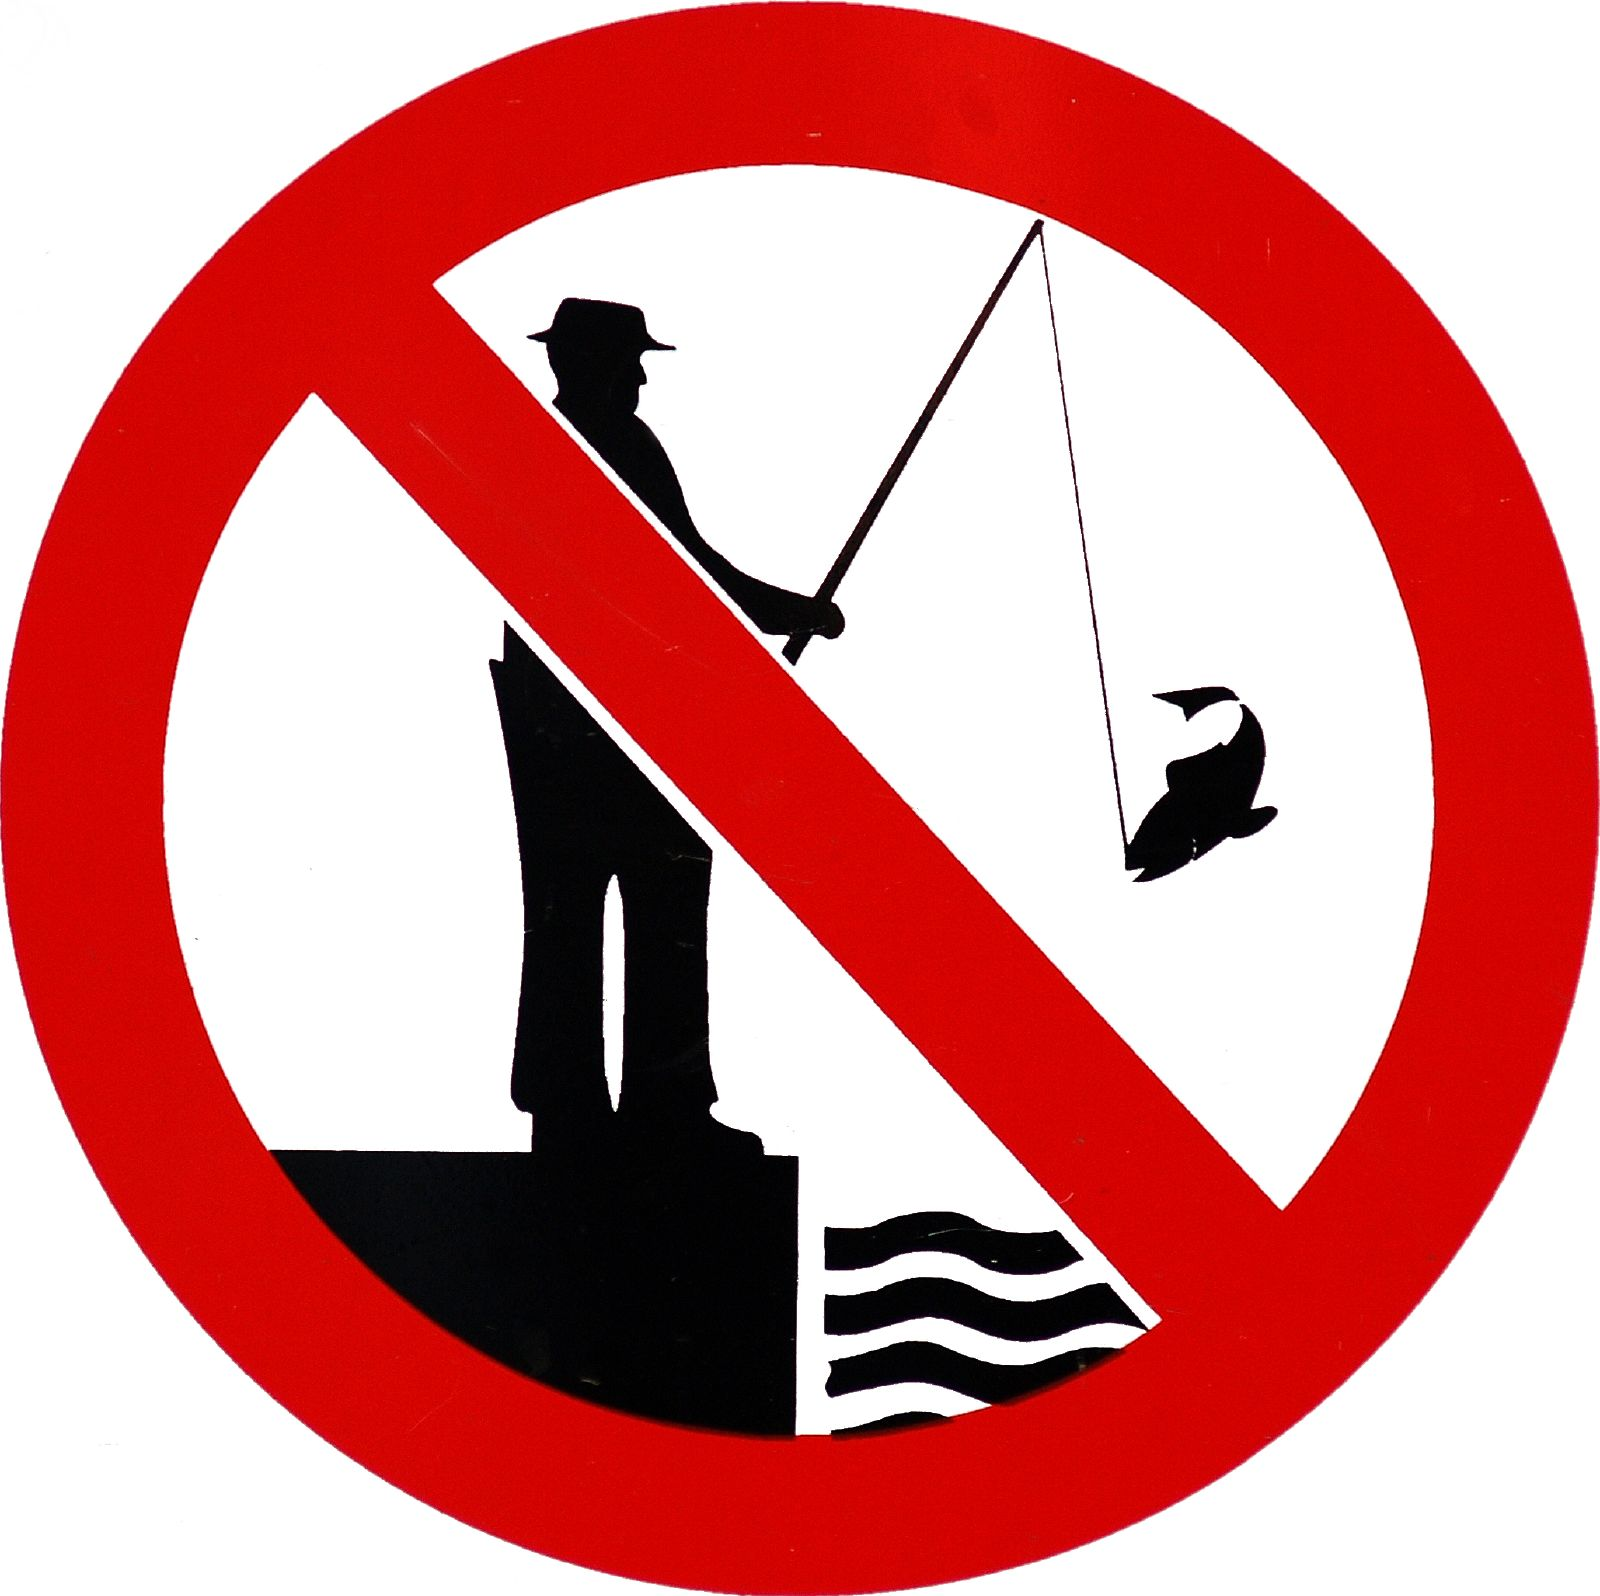 つり禁止 : 釣りのイラスト素材 ... : 魚イラストぬりえ : イラスト